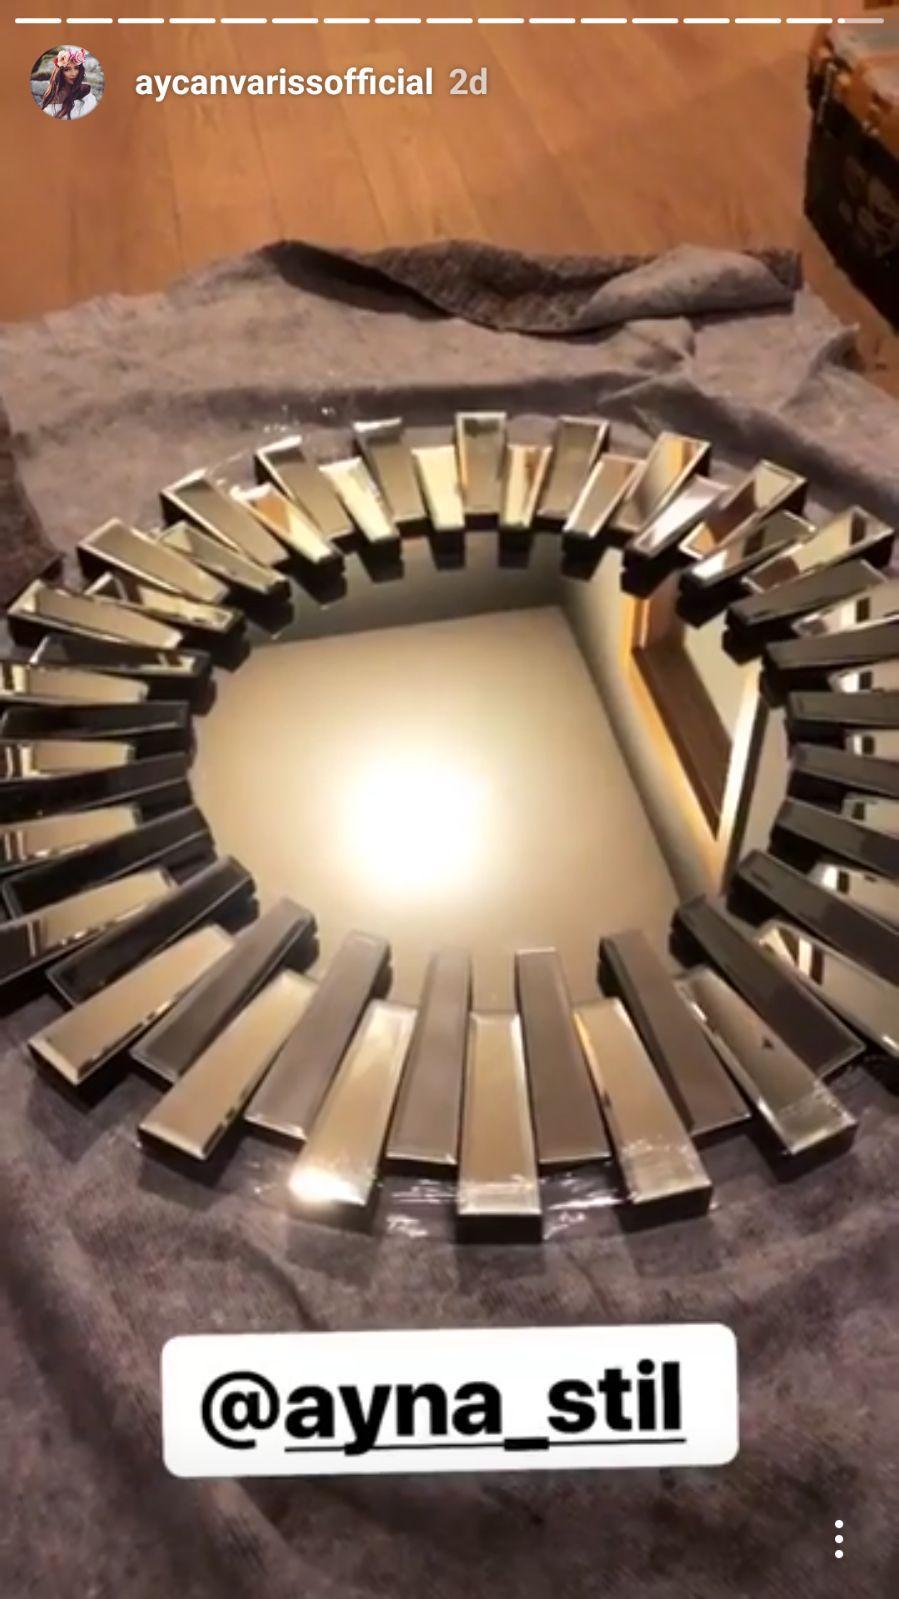 Efor Cam & Ayna - Monreal Yuvarlak Ayna İşlerimiz